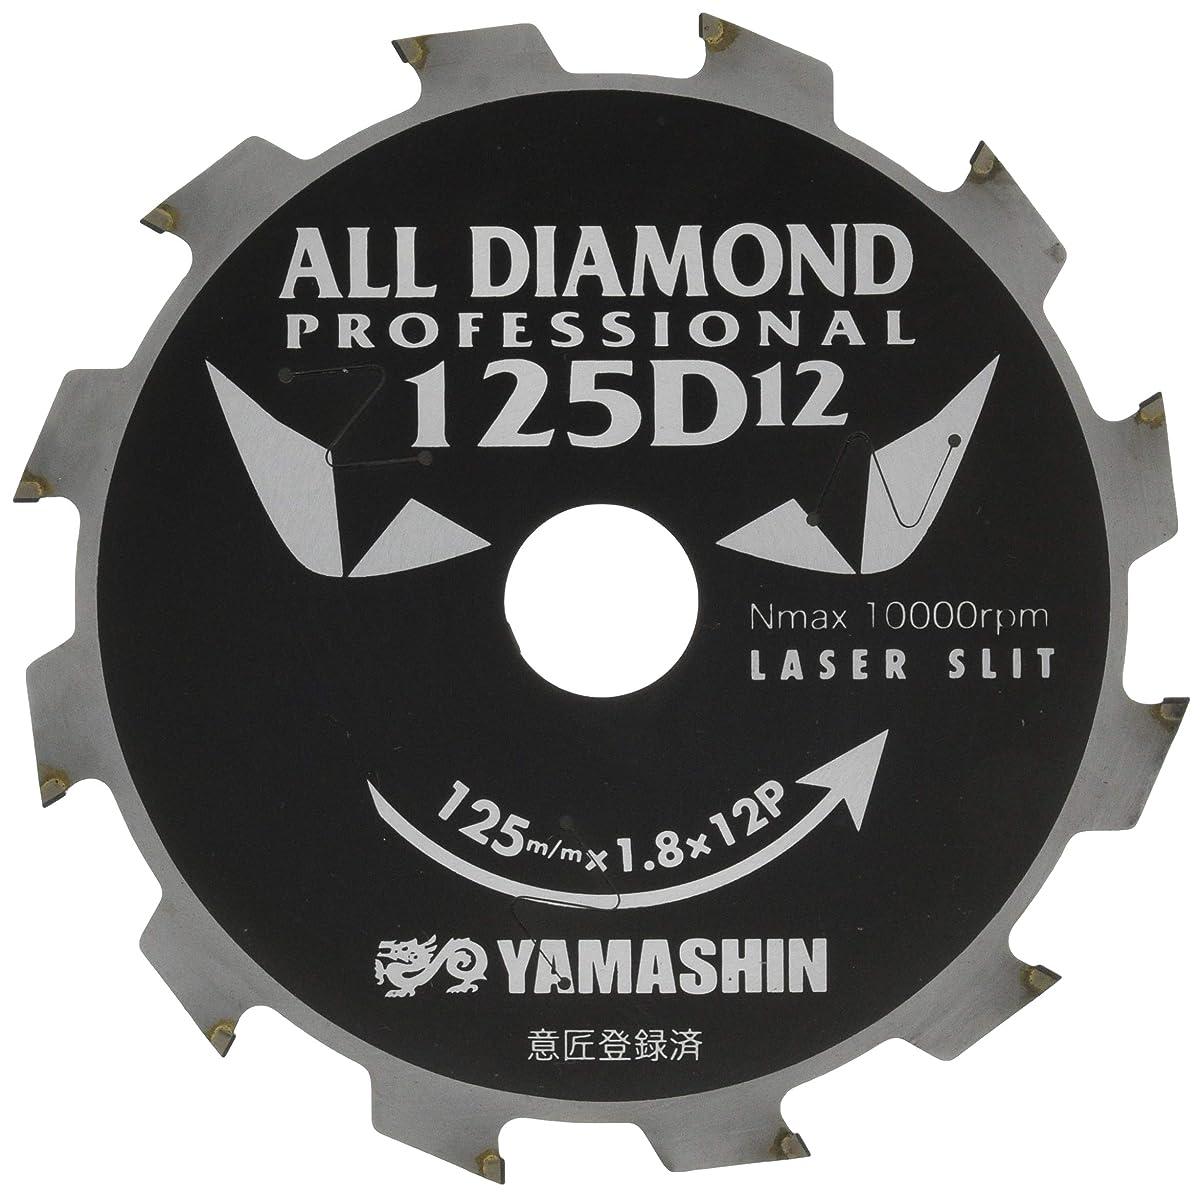 手段熟達した比類なき山真製鋸(YAMASHIN) オールダイヤモンド(12P) 125x12P CYT-YSD-125D12